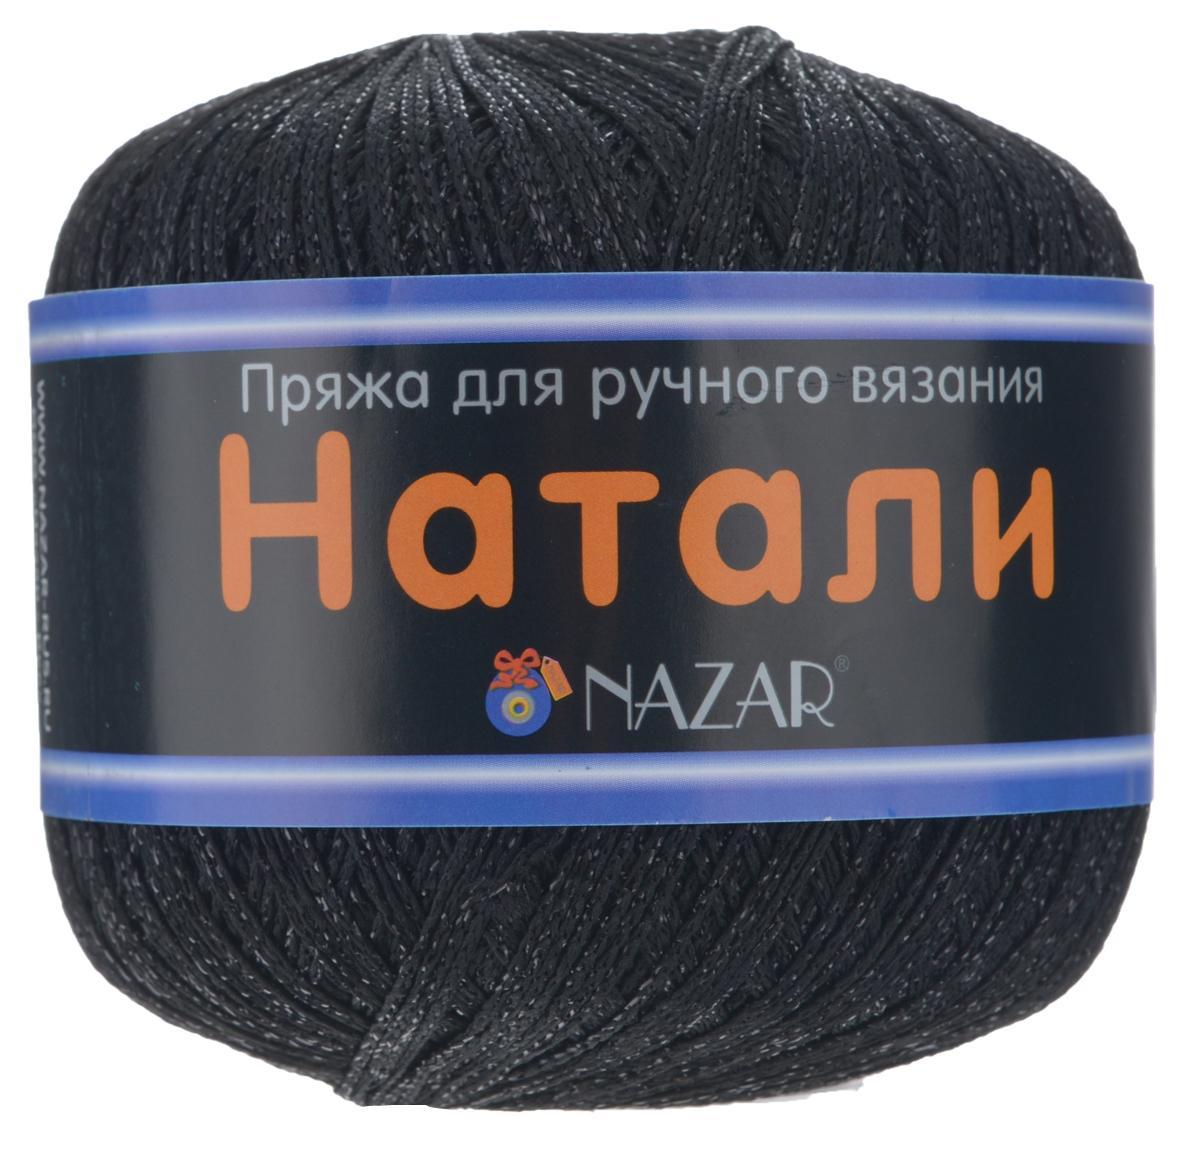 Пряжа для вязания Nazar Натали, цвет: черный (8009), 330 м, 50 г, 10 шт349004_8009 черн/черныйПряжа для вязания Nazar Натали изготовлена из 50% полиэстера, 50% люрекса. Эта пряжа подходит как для вязания одежды, так и для создания элементов декора. При плотном вязании эта пряжа очень хорошо держит заданную форму. Подходит для вязания на спицах и крючках 2,5-3 мм. Состав: 50% полиэстер, 50% люрекс. Комплектация: 10 шт. Толщина нити: 1 мм.